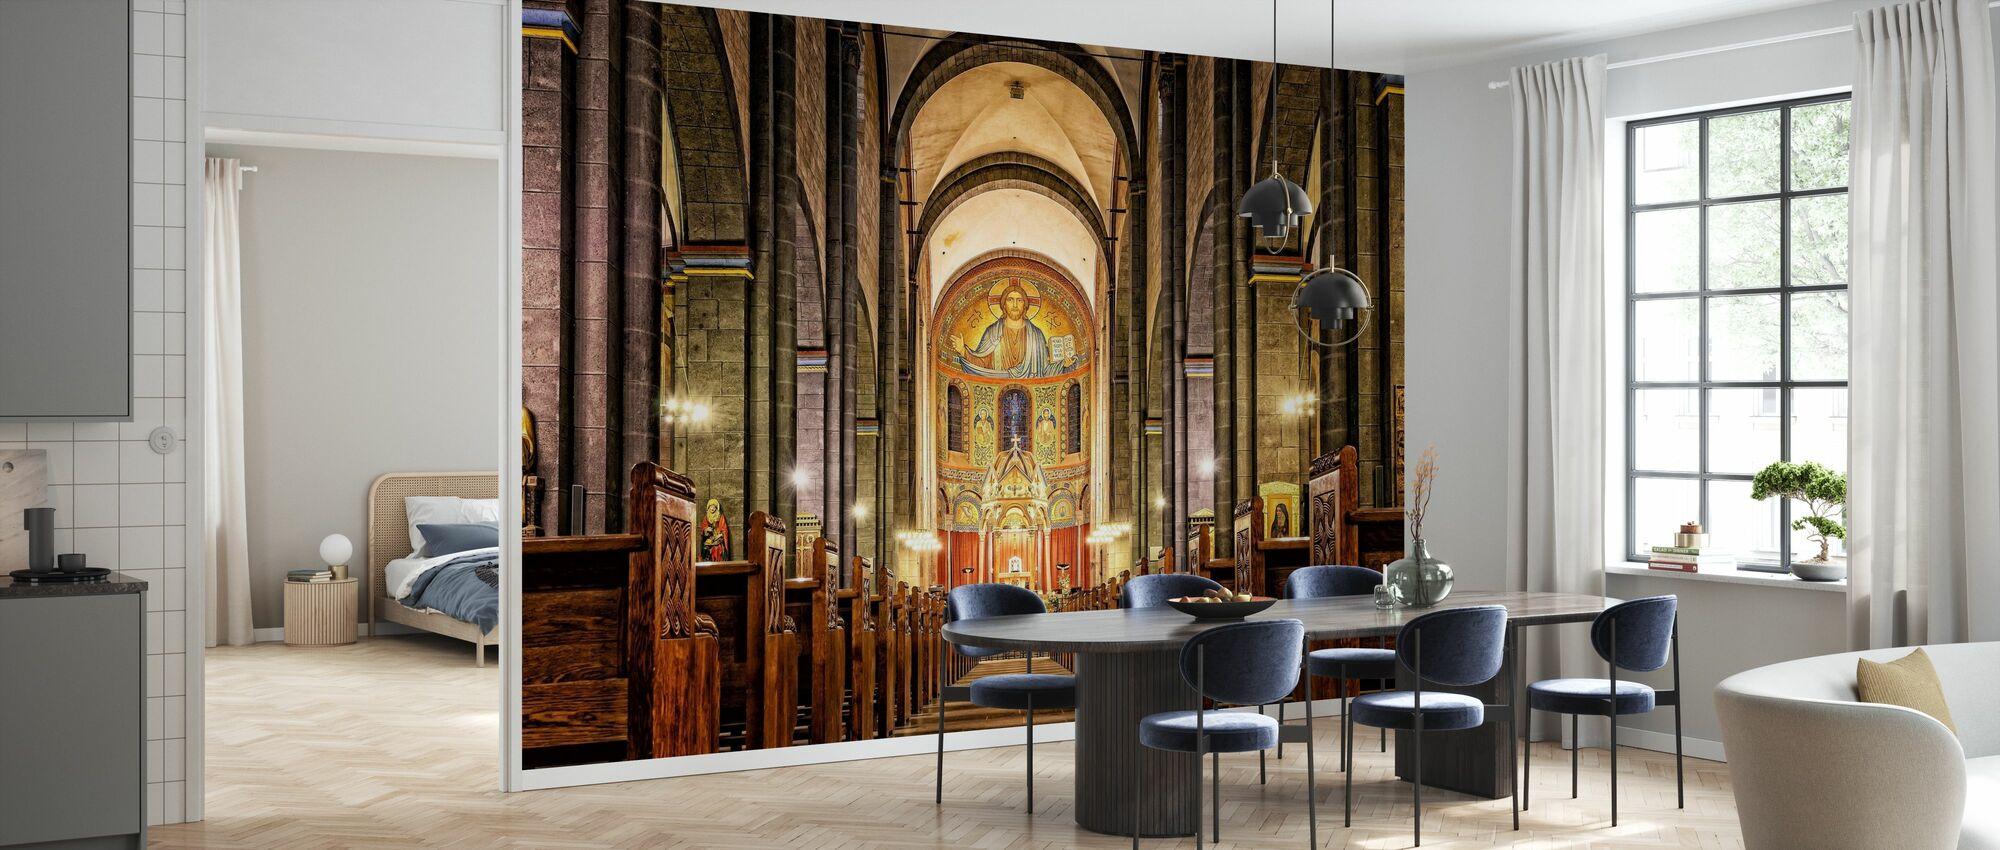 Dom kyrka - Tapet - Kök